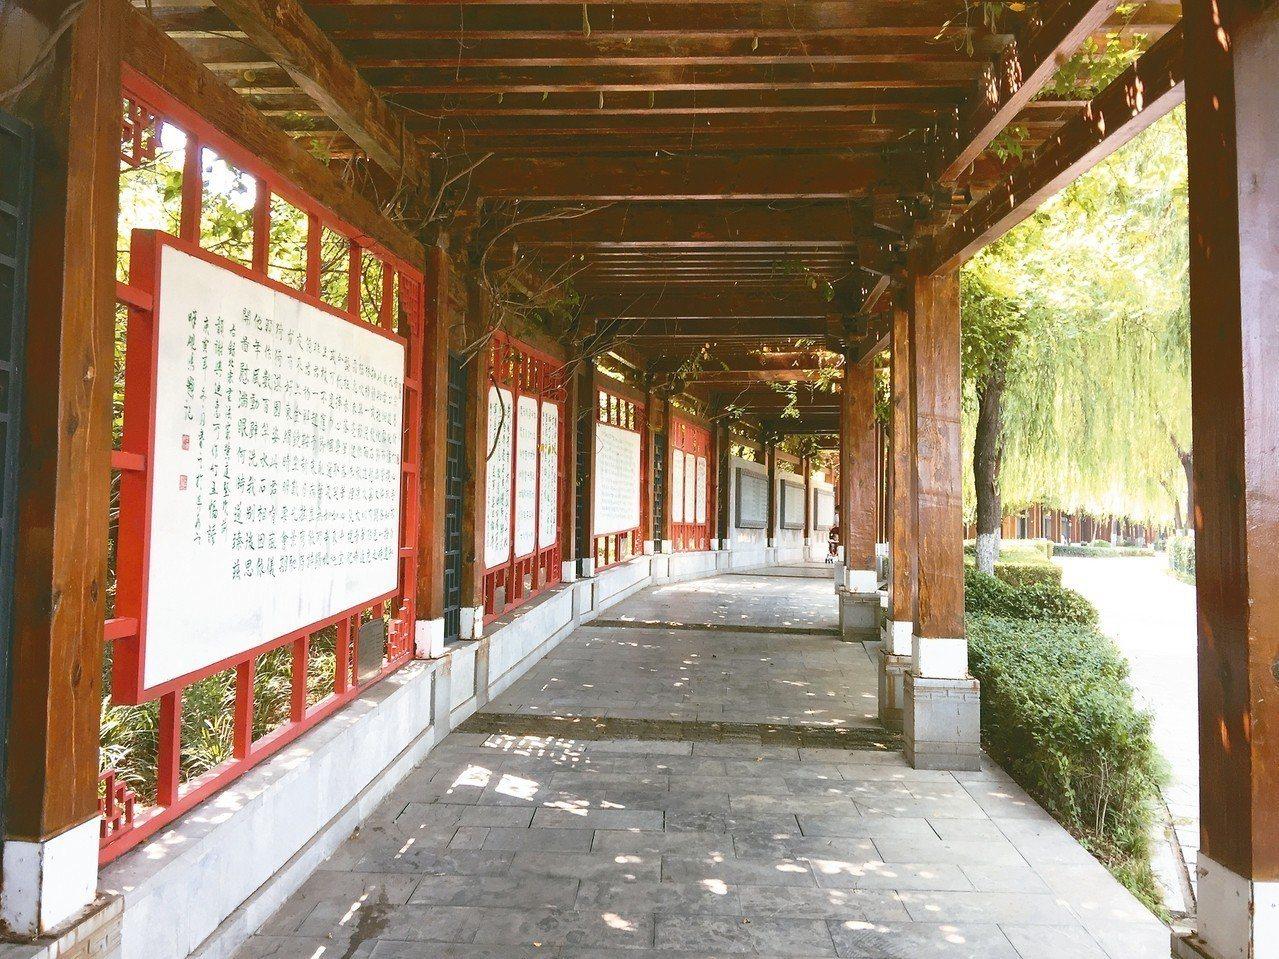 淇河詩苑,是生態史詩文化長廊。 記者汪莉絹/攝影